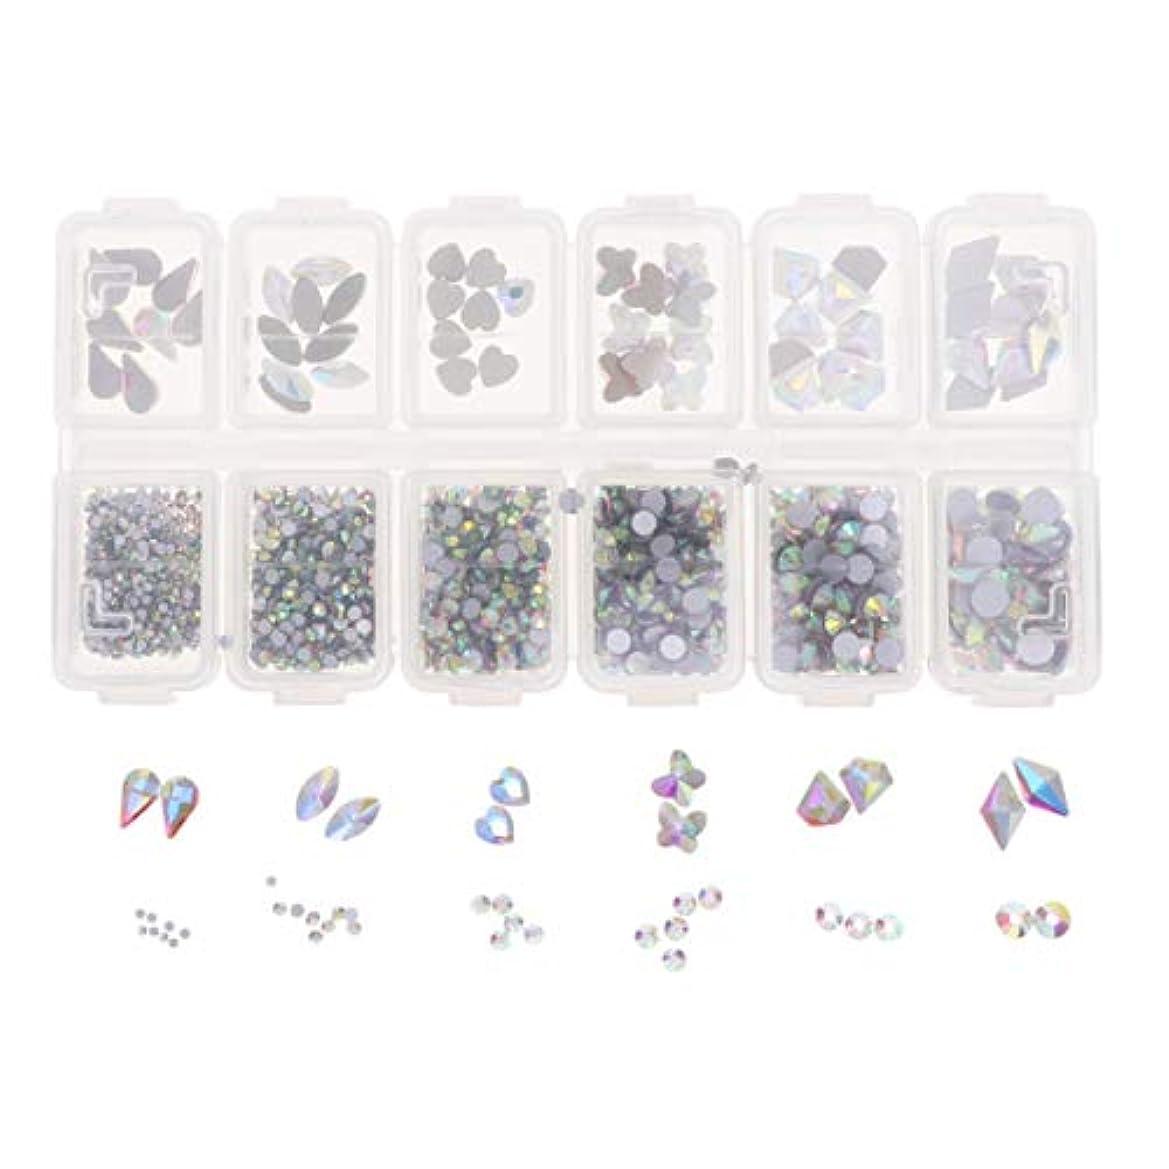 Lurrose 1788ピースネイルアートラインストーンキット12コンパートメントdiyラインストーンクリスタルダイヤモンドビーズ用女の子ネイルアート装飾用品